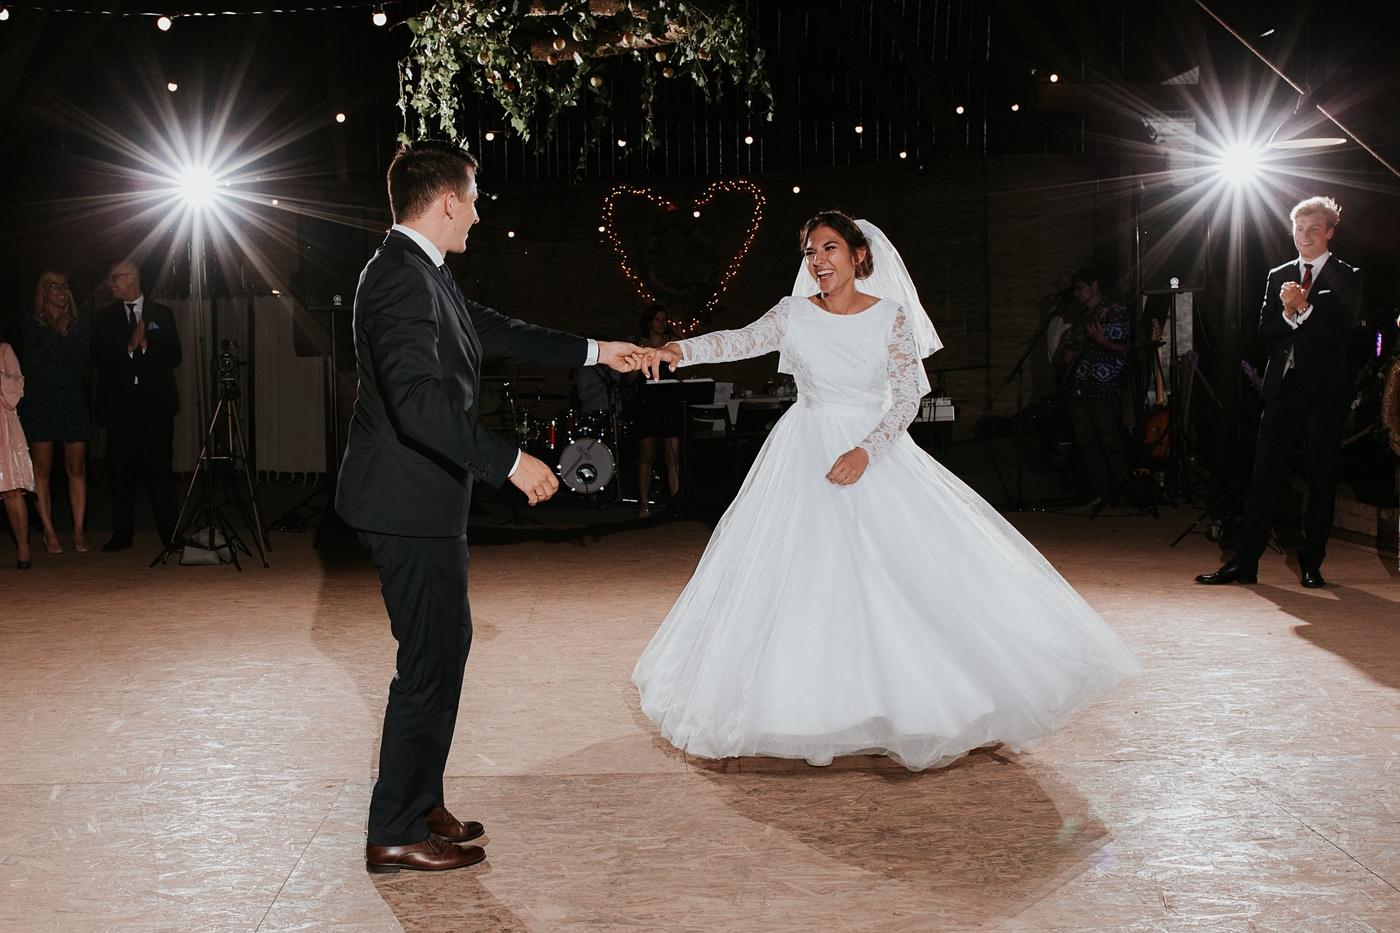 Dominika & Aleksander - Rustykalne wesele w stodole - Baborówko 107